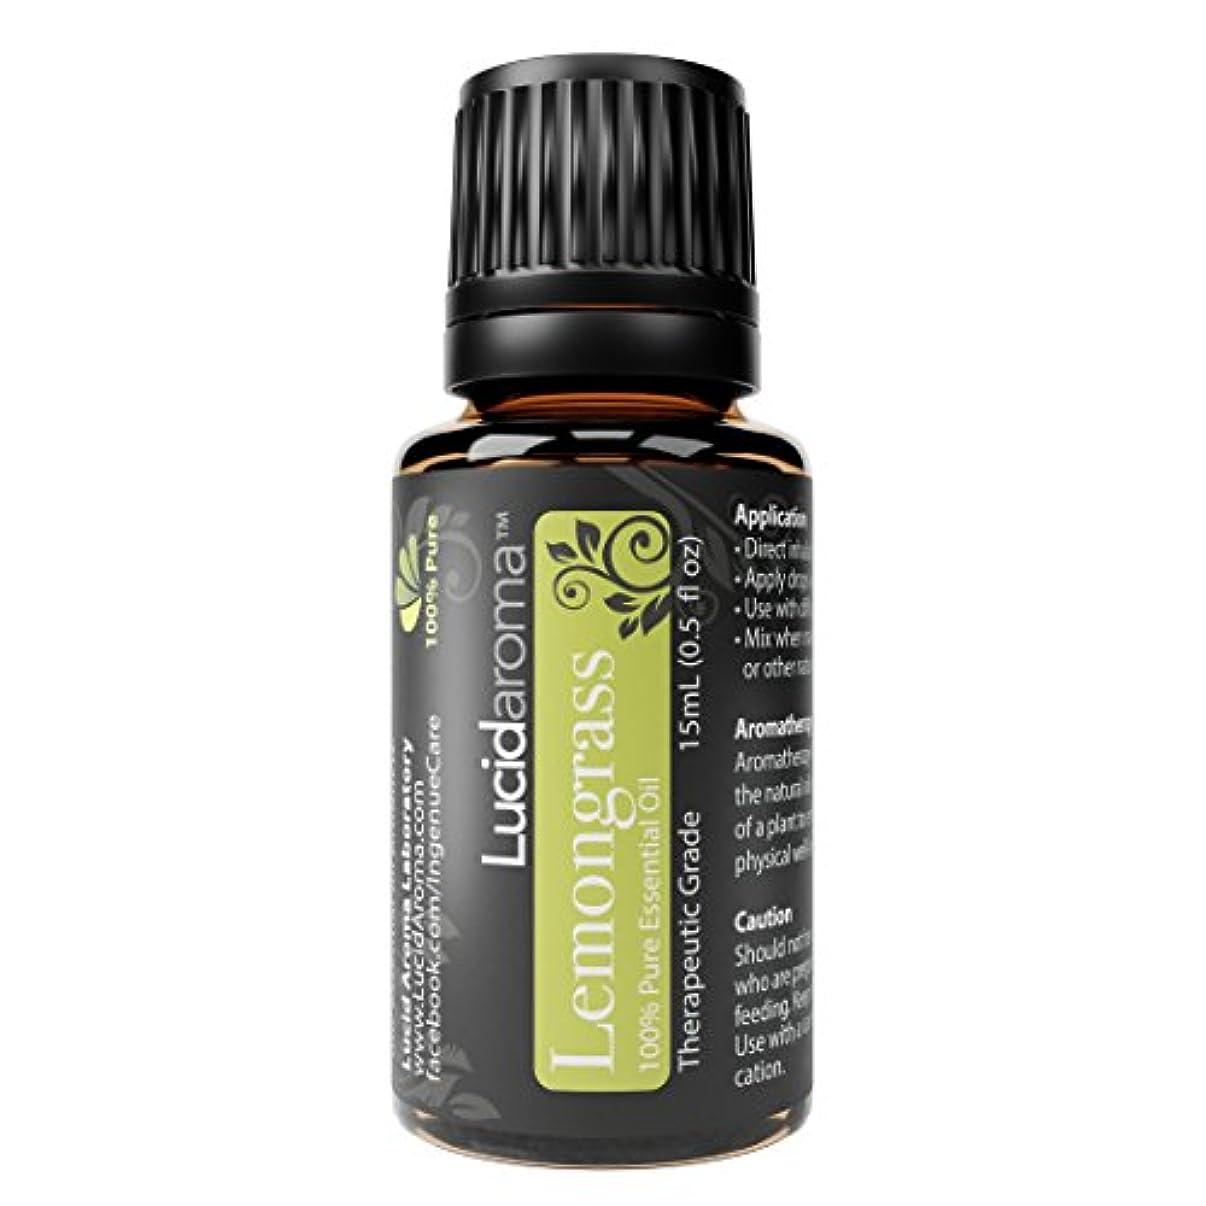 免除引き渡す予測するLucid Aroma Lemongrass レモングラス 15mL 有機アロマオイル オーガニック 100% ピュア エッセンシャルオイル アロマテラピー フレッシュ エネルギー